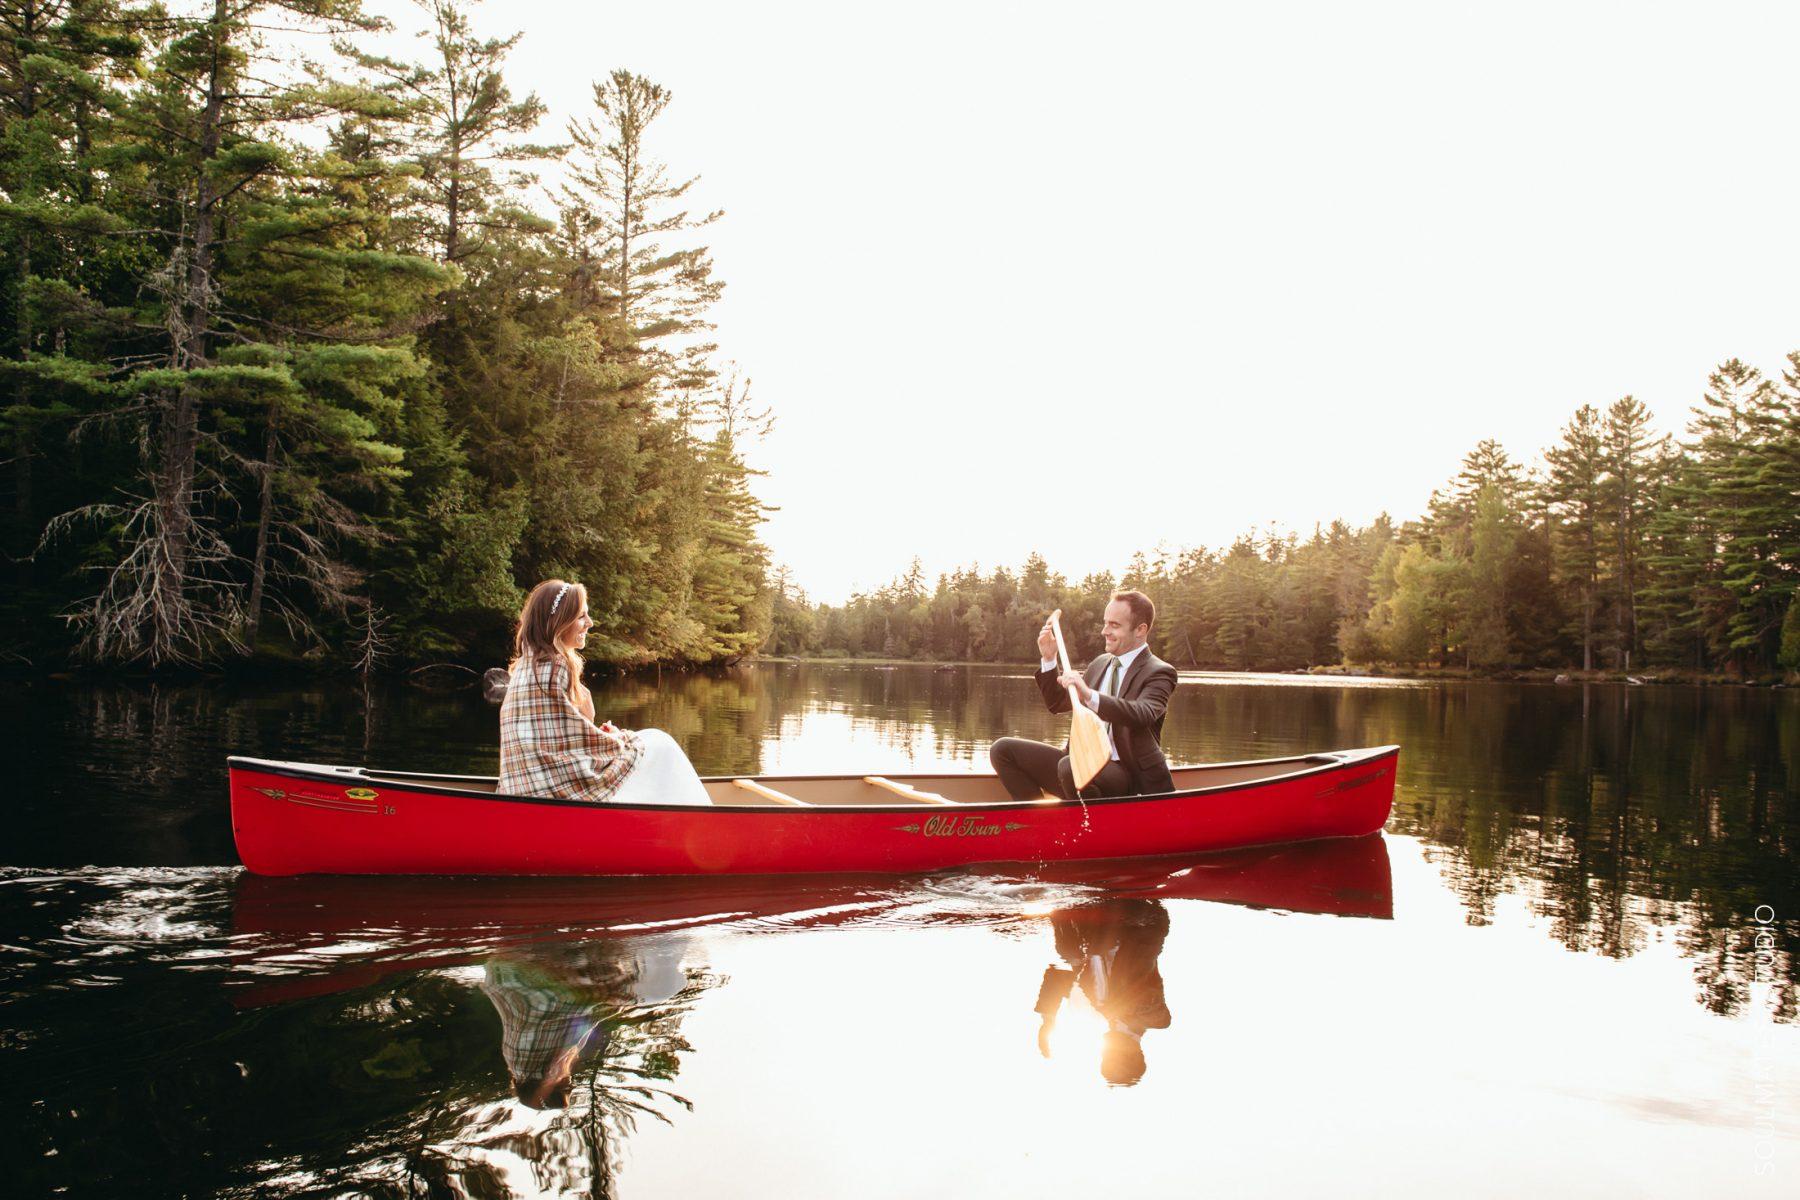 Adirondacks Lake Placid Canoe Wedding